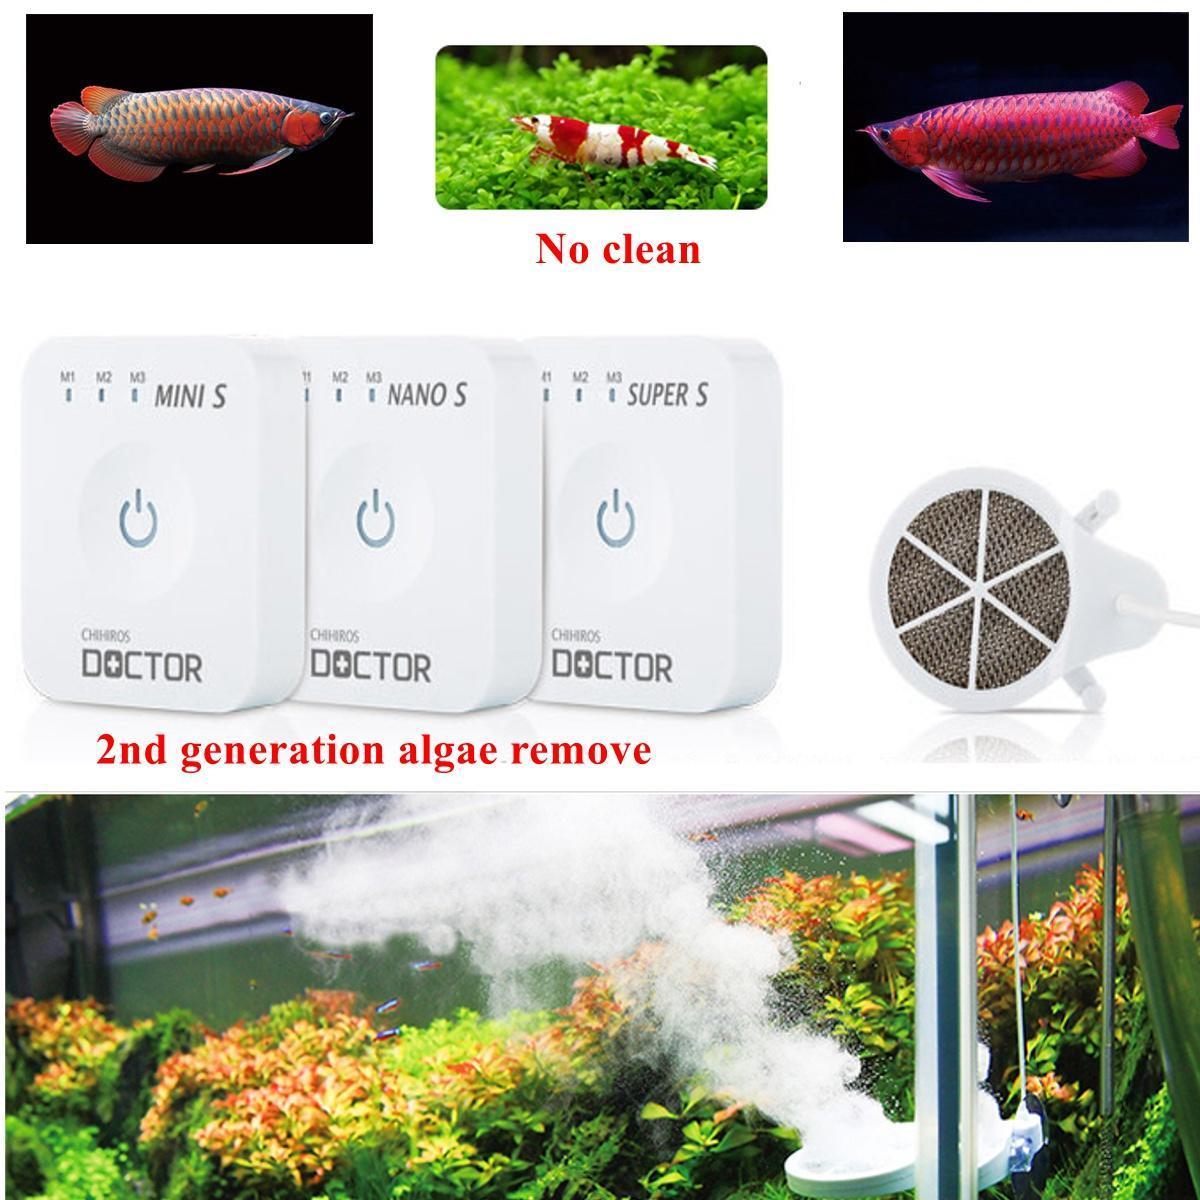 все цены на Chihiros Aquatic Studio доктор фильтр СМИ водорослей удалить бак рыб не чистой водной Studio пылесос